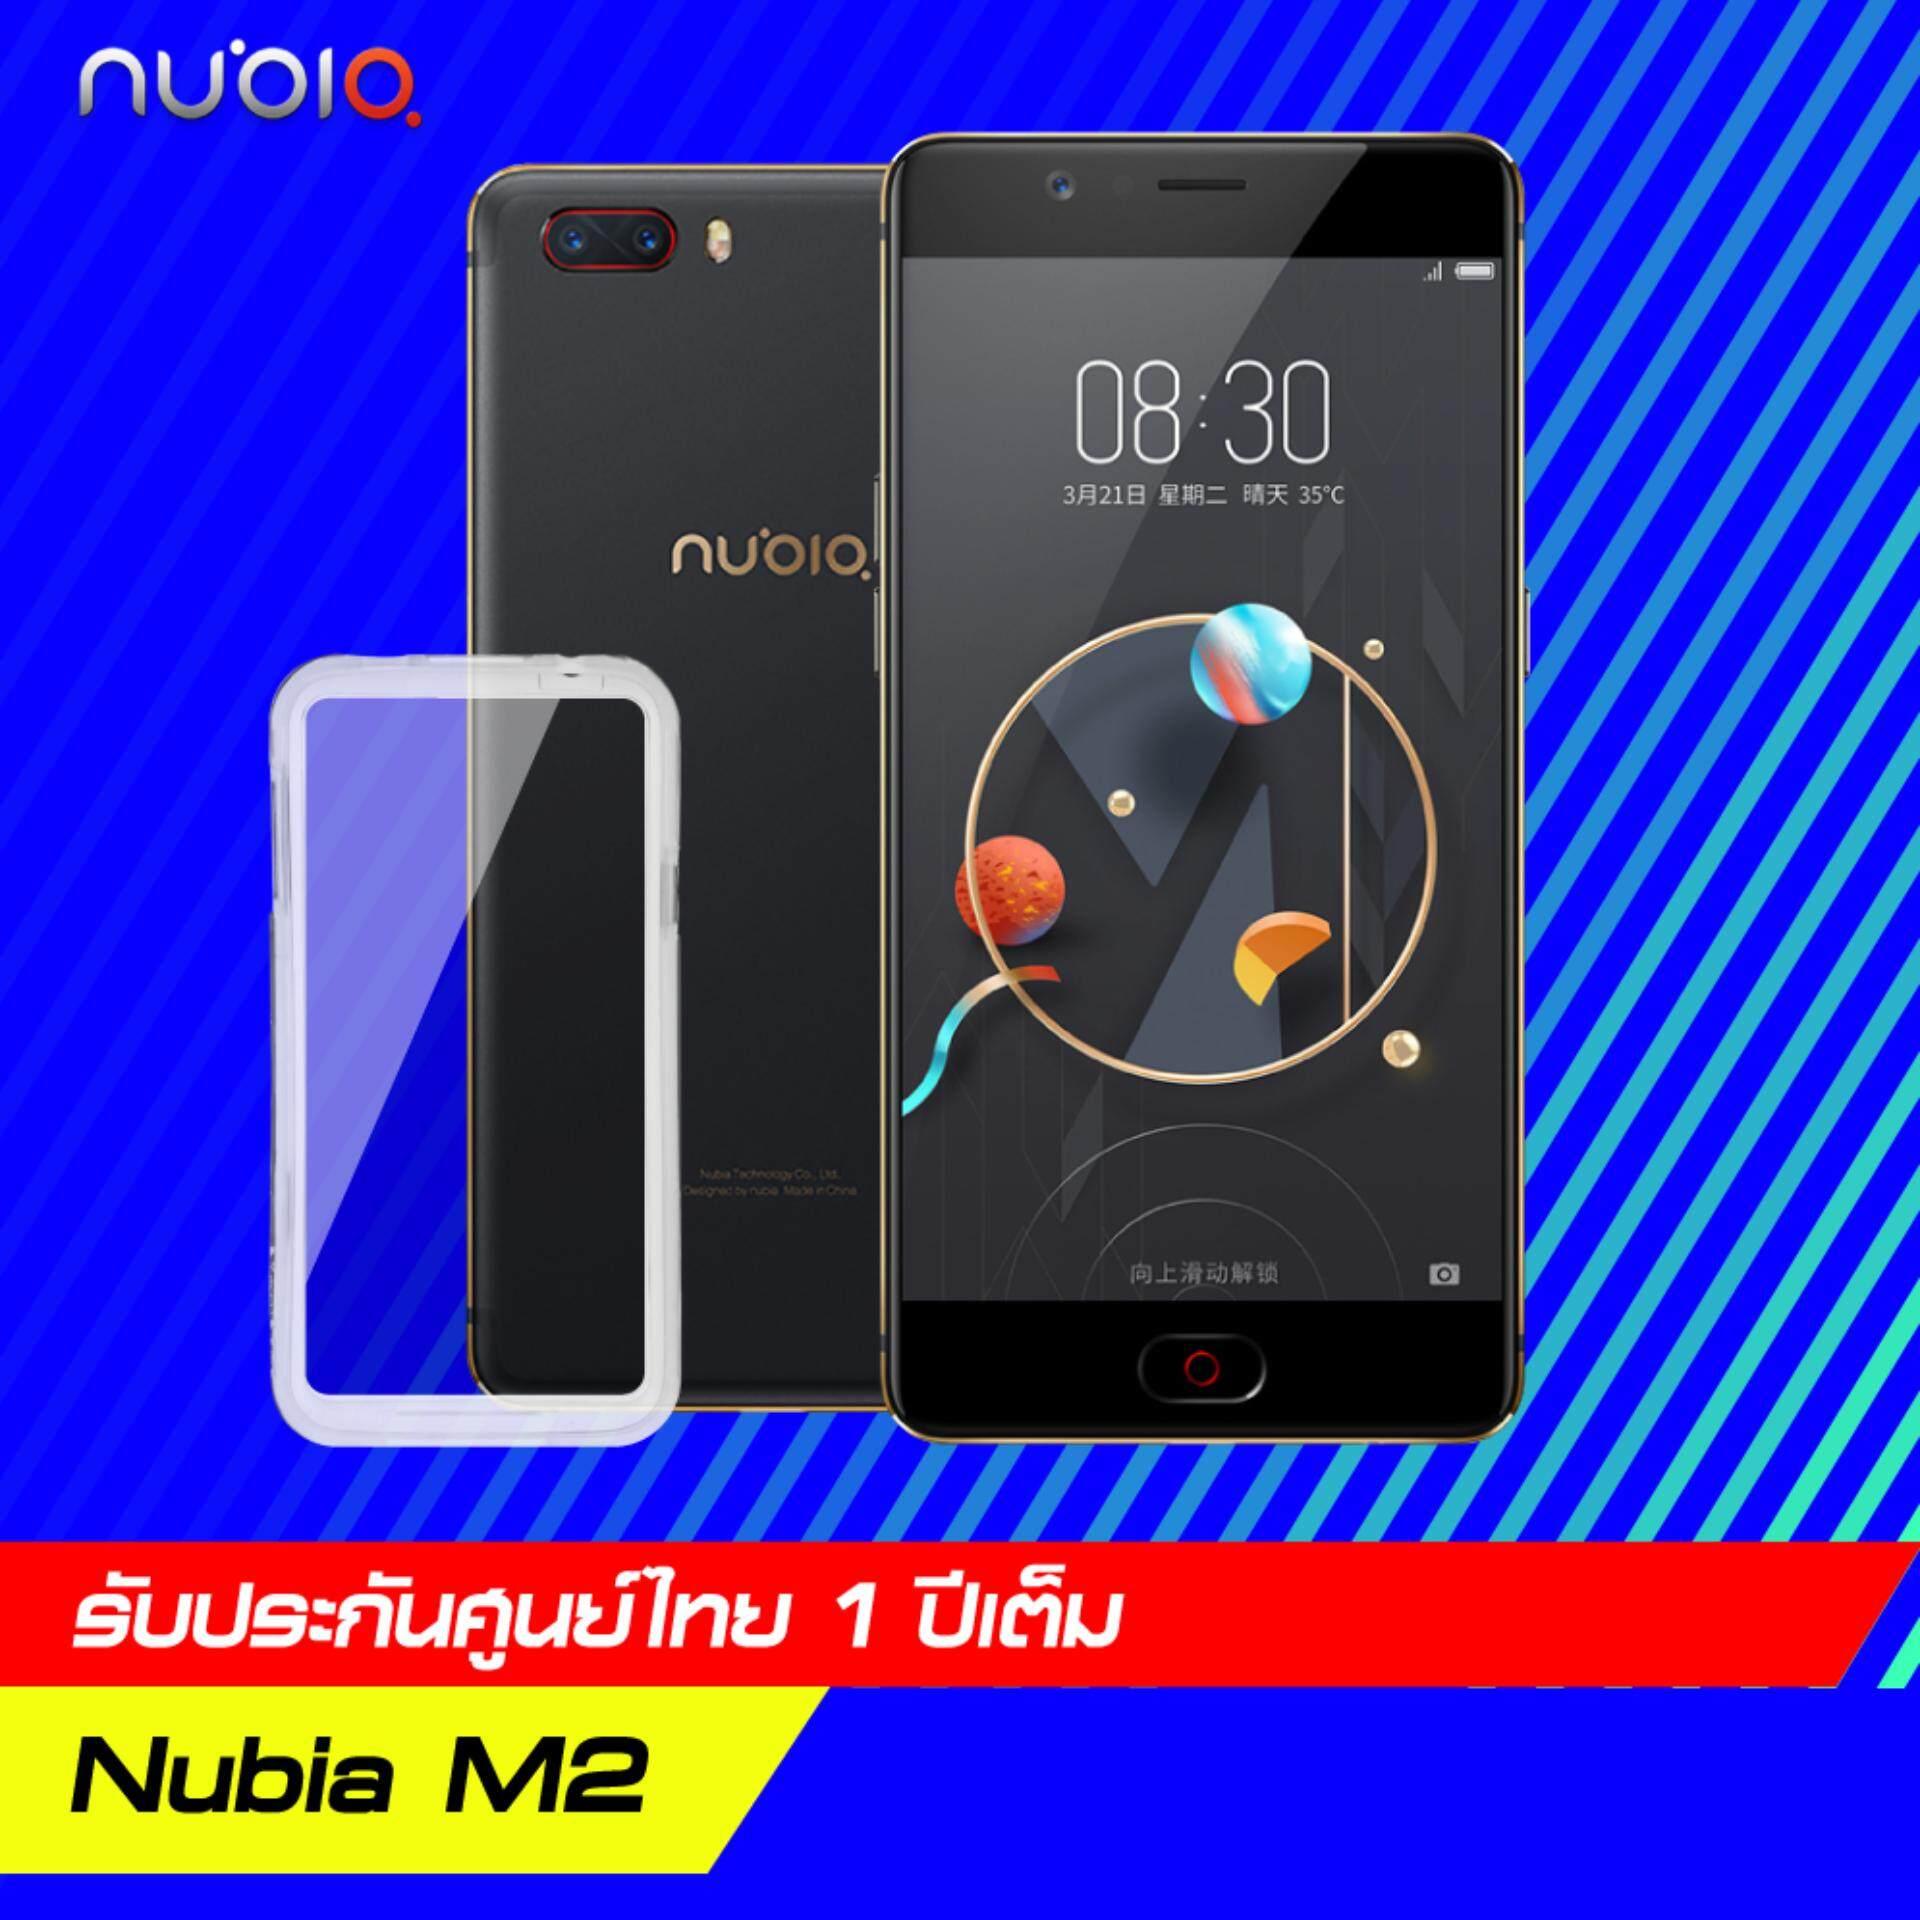 Nubia M2 (4/64GB) พร้อมเคสกันกระแทก มูลค่า 199.- [[ รับประกันศูนย์ไทย 1 ปีเต็ม!! ]]